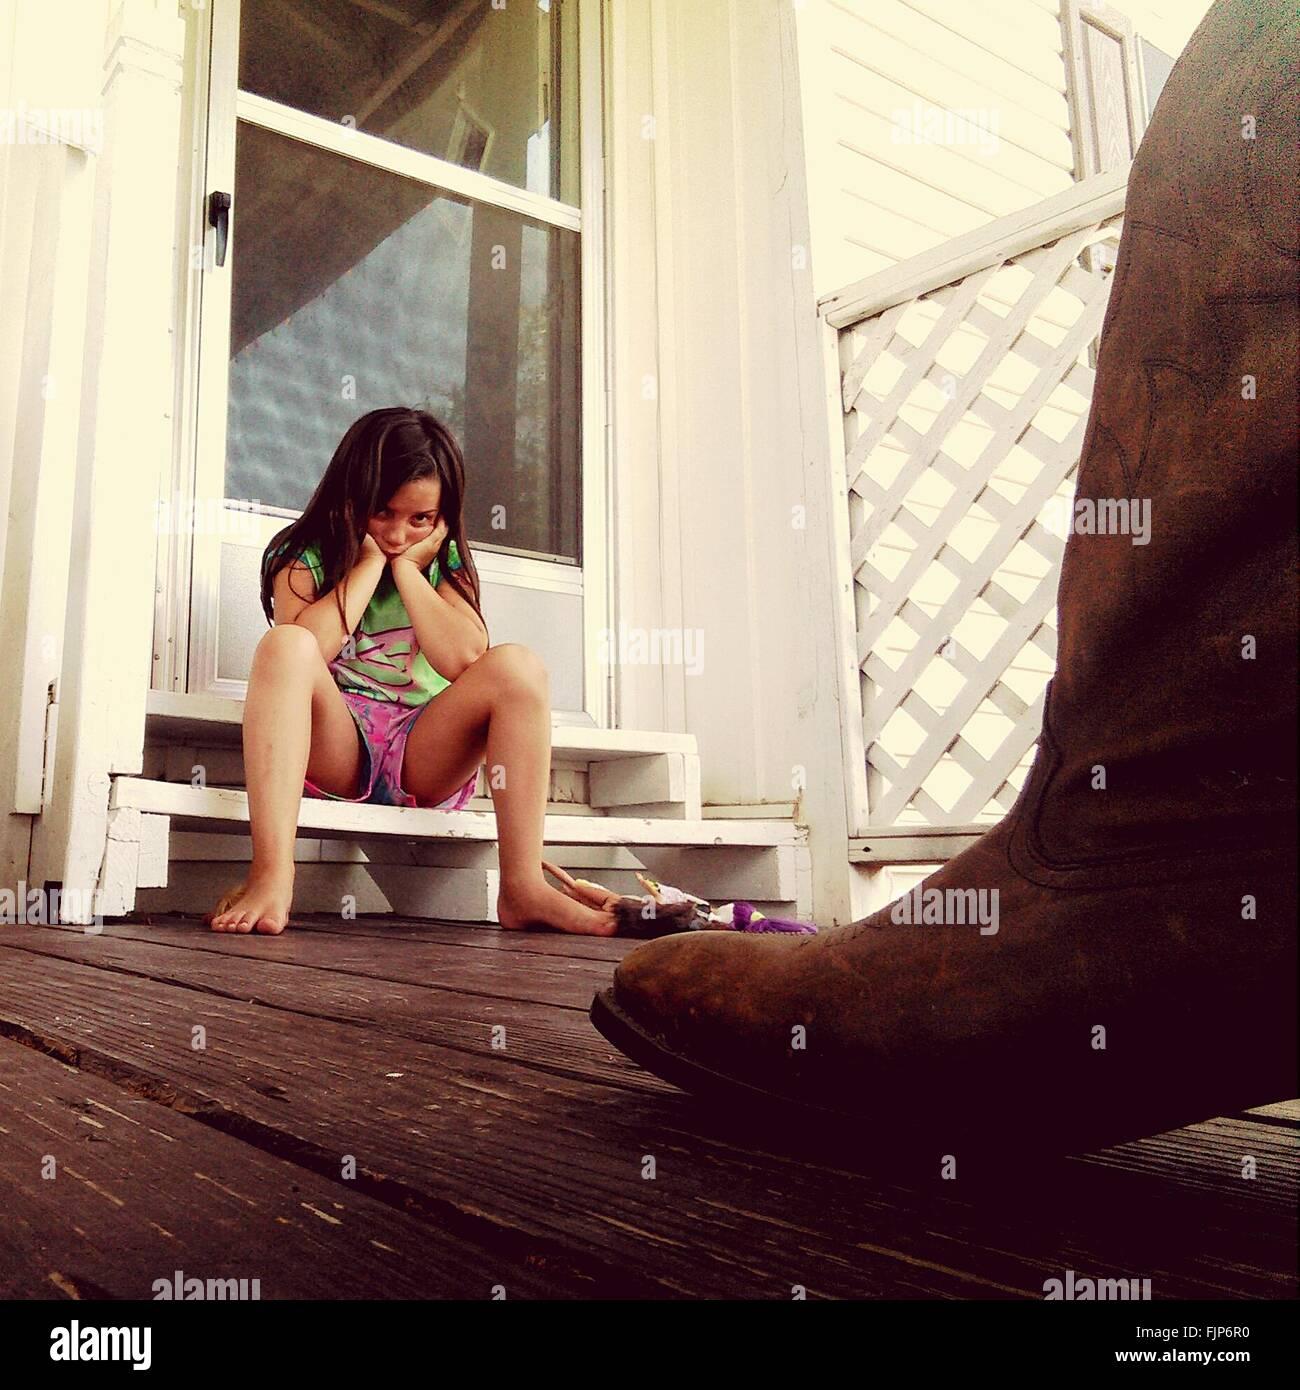 Ángulo de visión baja de chica sentada en pasos Imagen De Stock